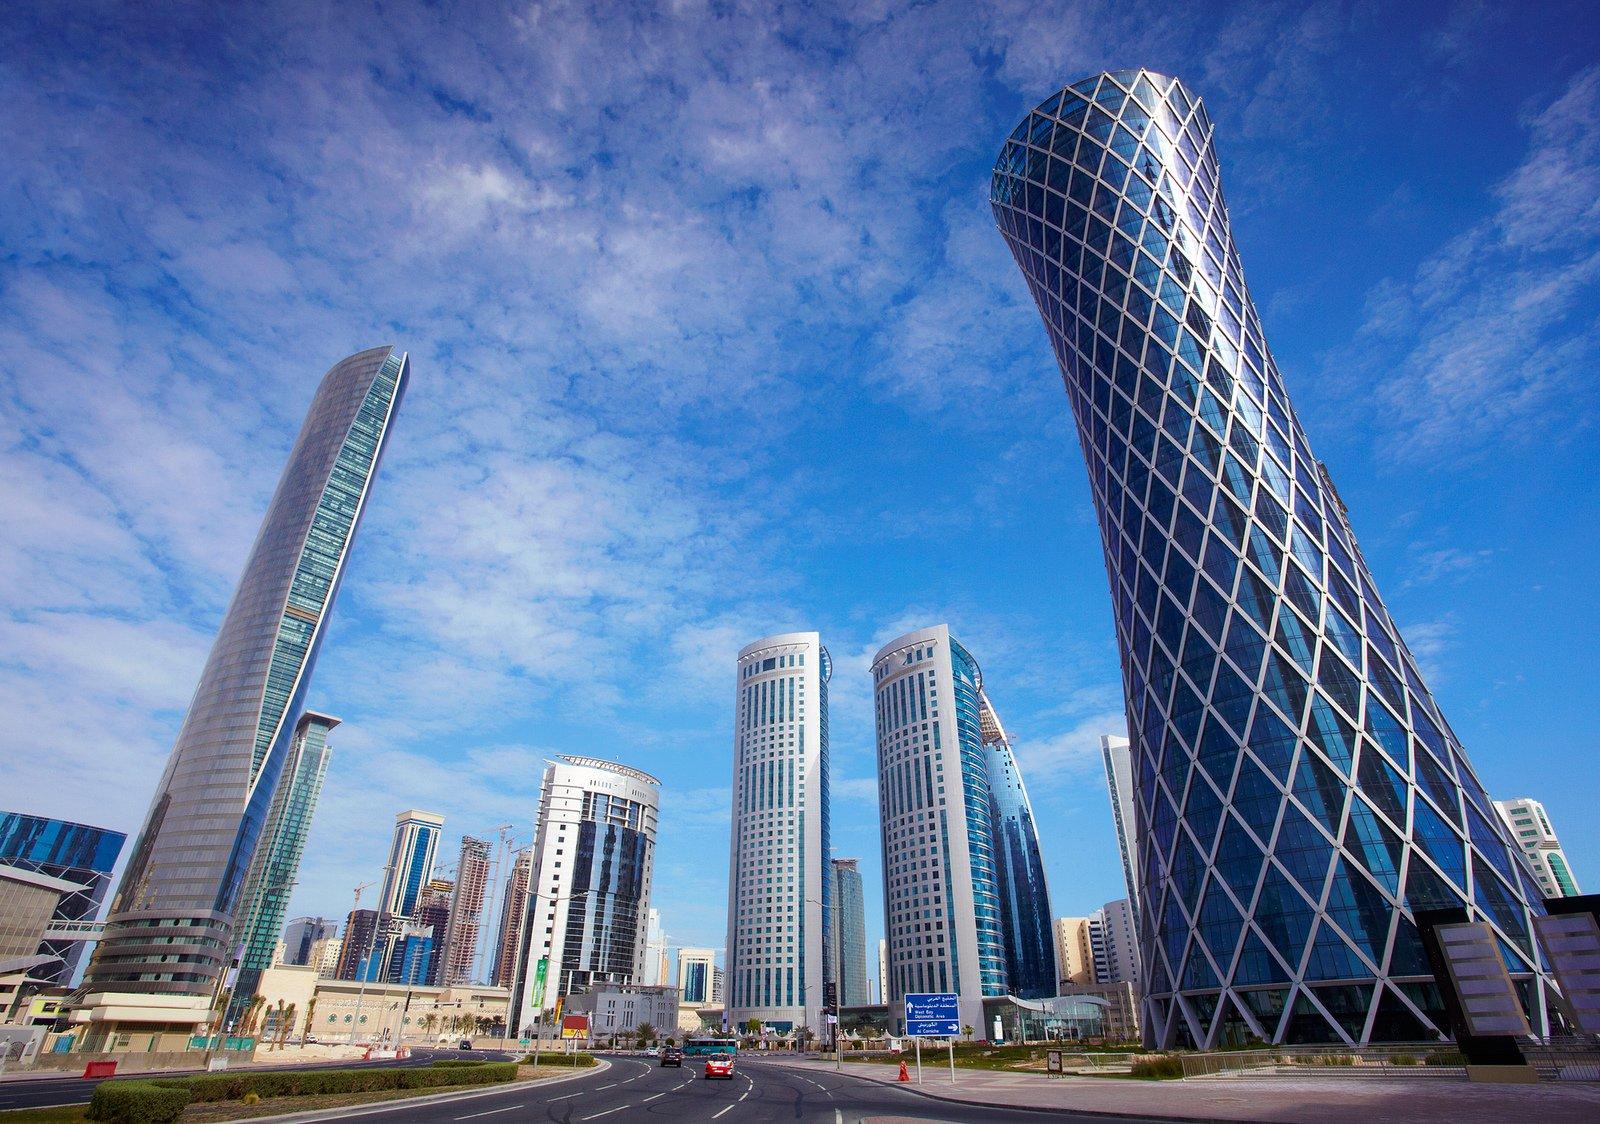 Qatar Airways ofrece visitas gratuitas a sus pasajeros con escala en Doha